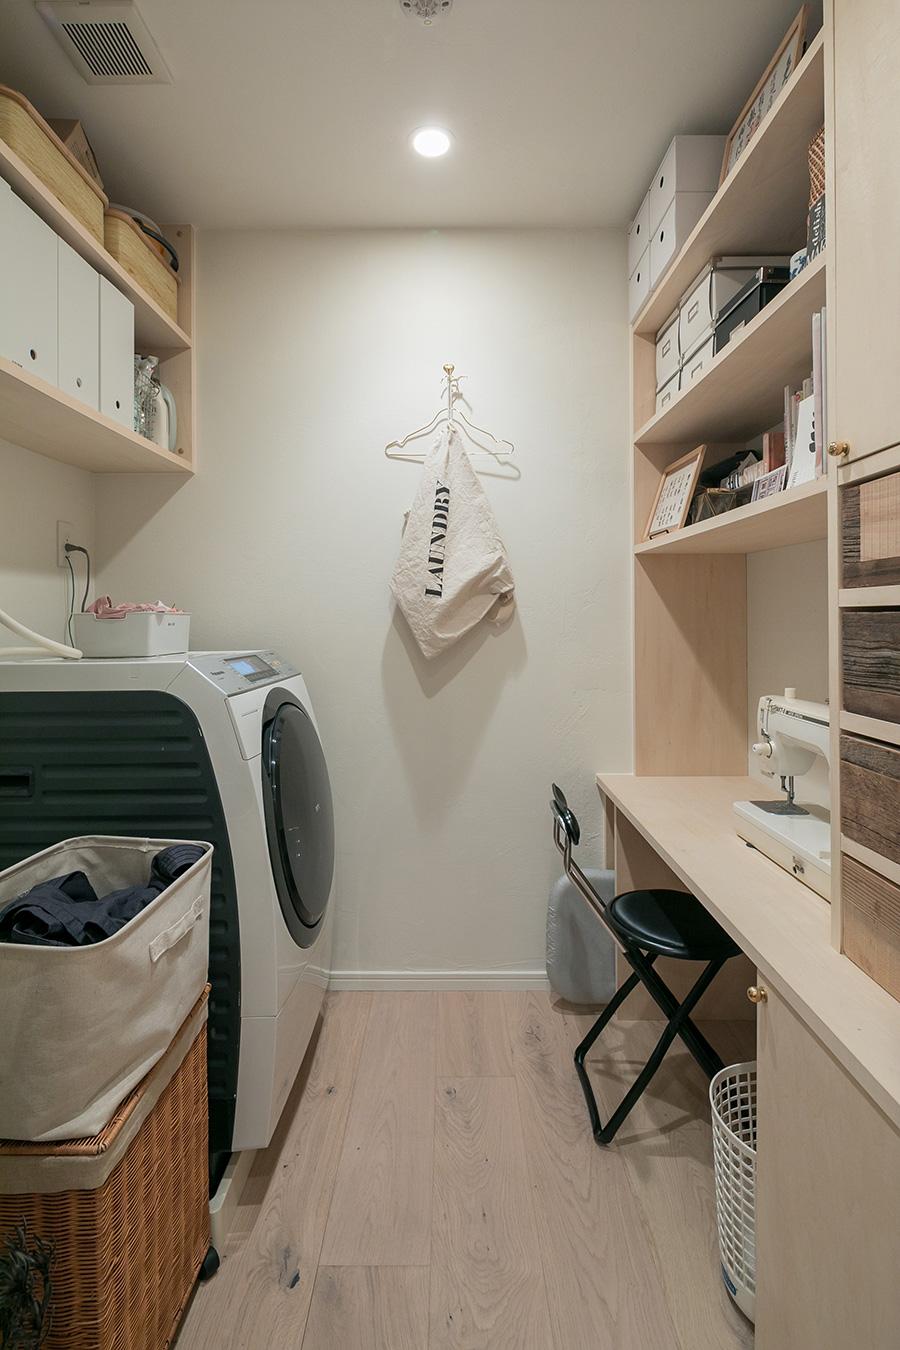 「廊下に面したクローゼットを無くし、そのスペースを生かして家事室を作りました。正面のフックはハンガーにかけた服にスチームアイロンをかけるために取り付けました。ランドリーバッグは、ポートランドの『ACE HOTEL』で買ったものです